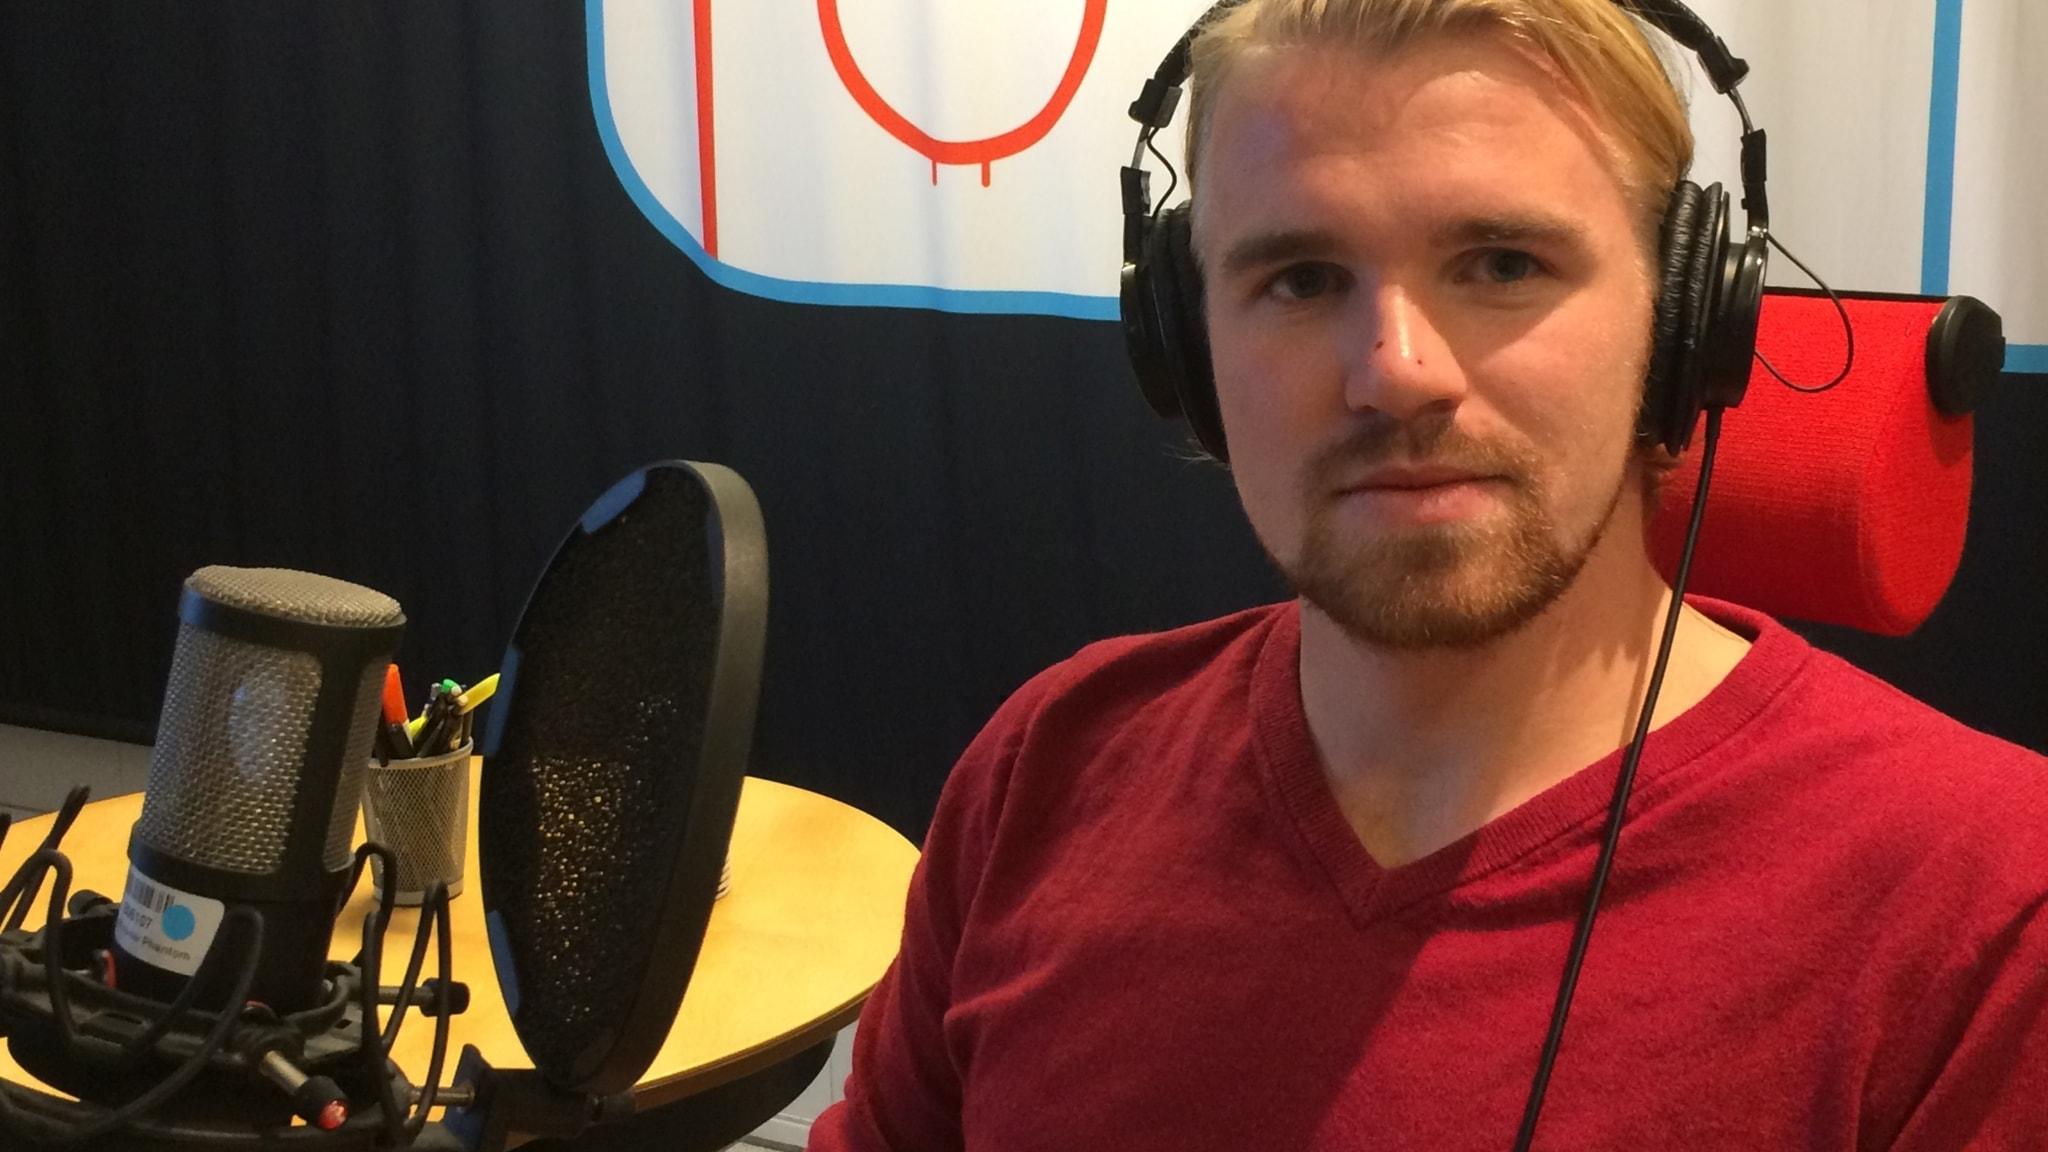 Huvudtacklingarna minskar i SHL - Fredric Anderberg om livet efter hjärnskakningen och råden till dagens hockeyspelare